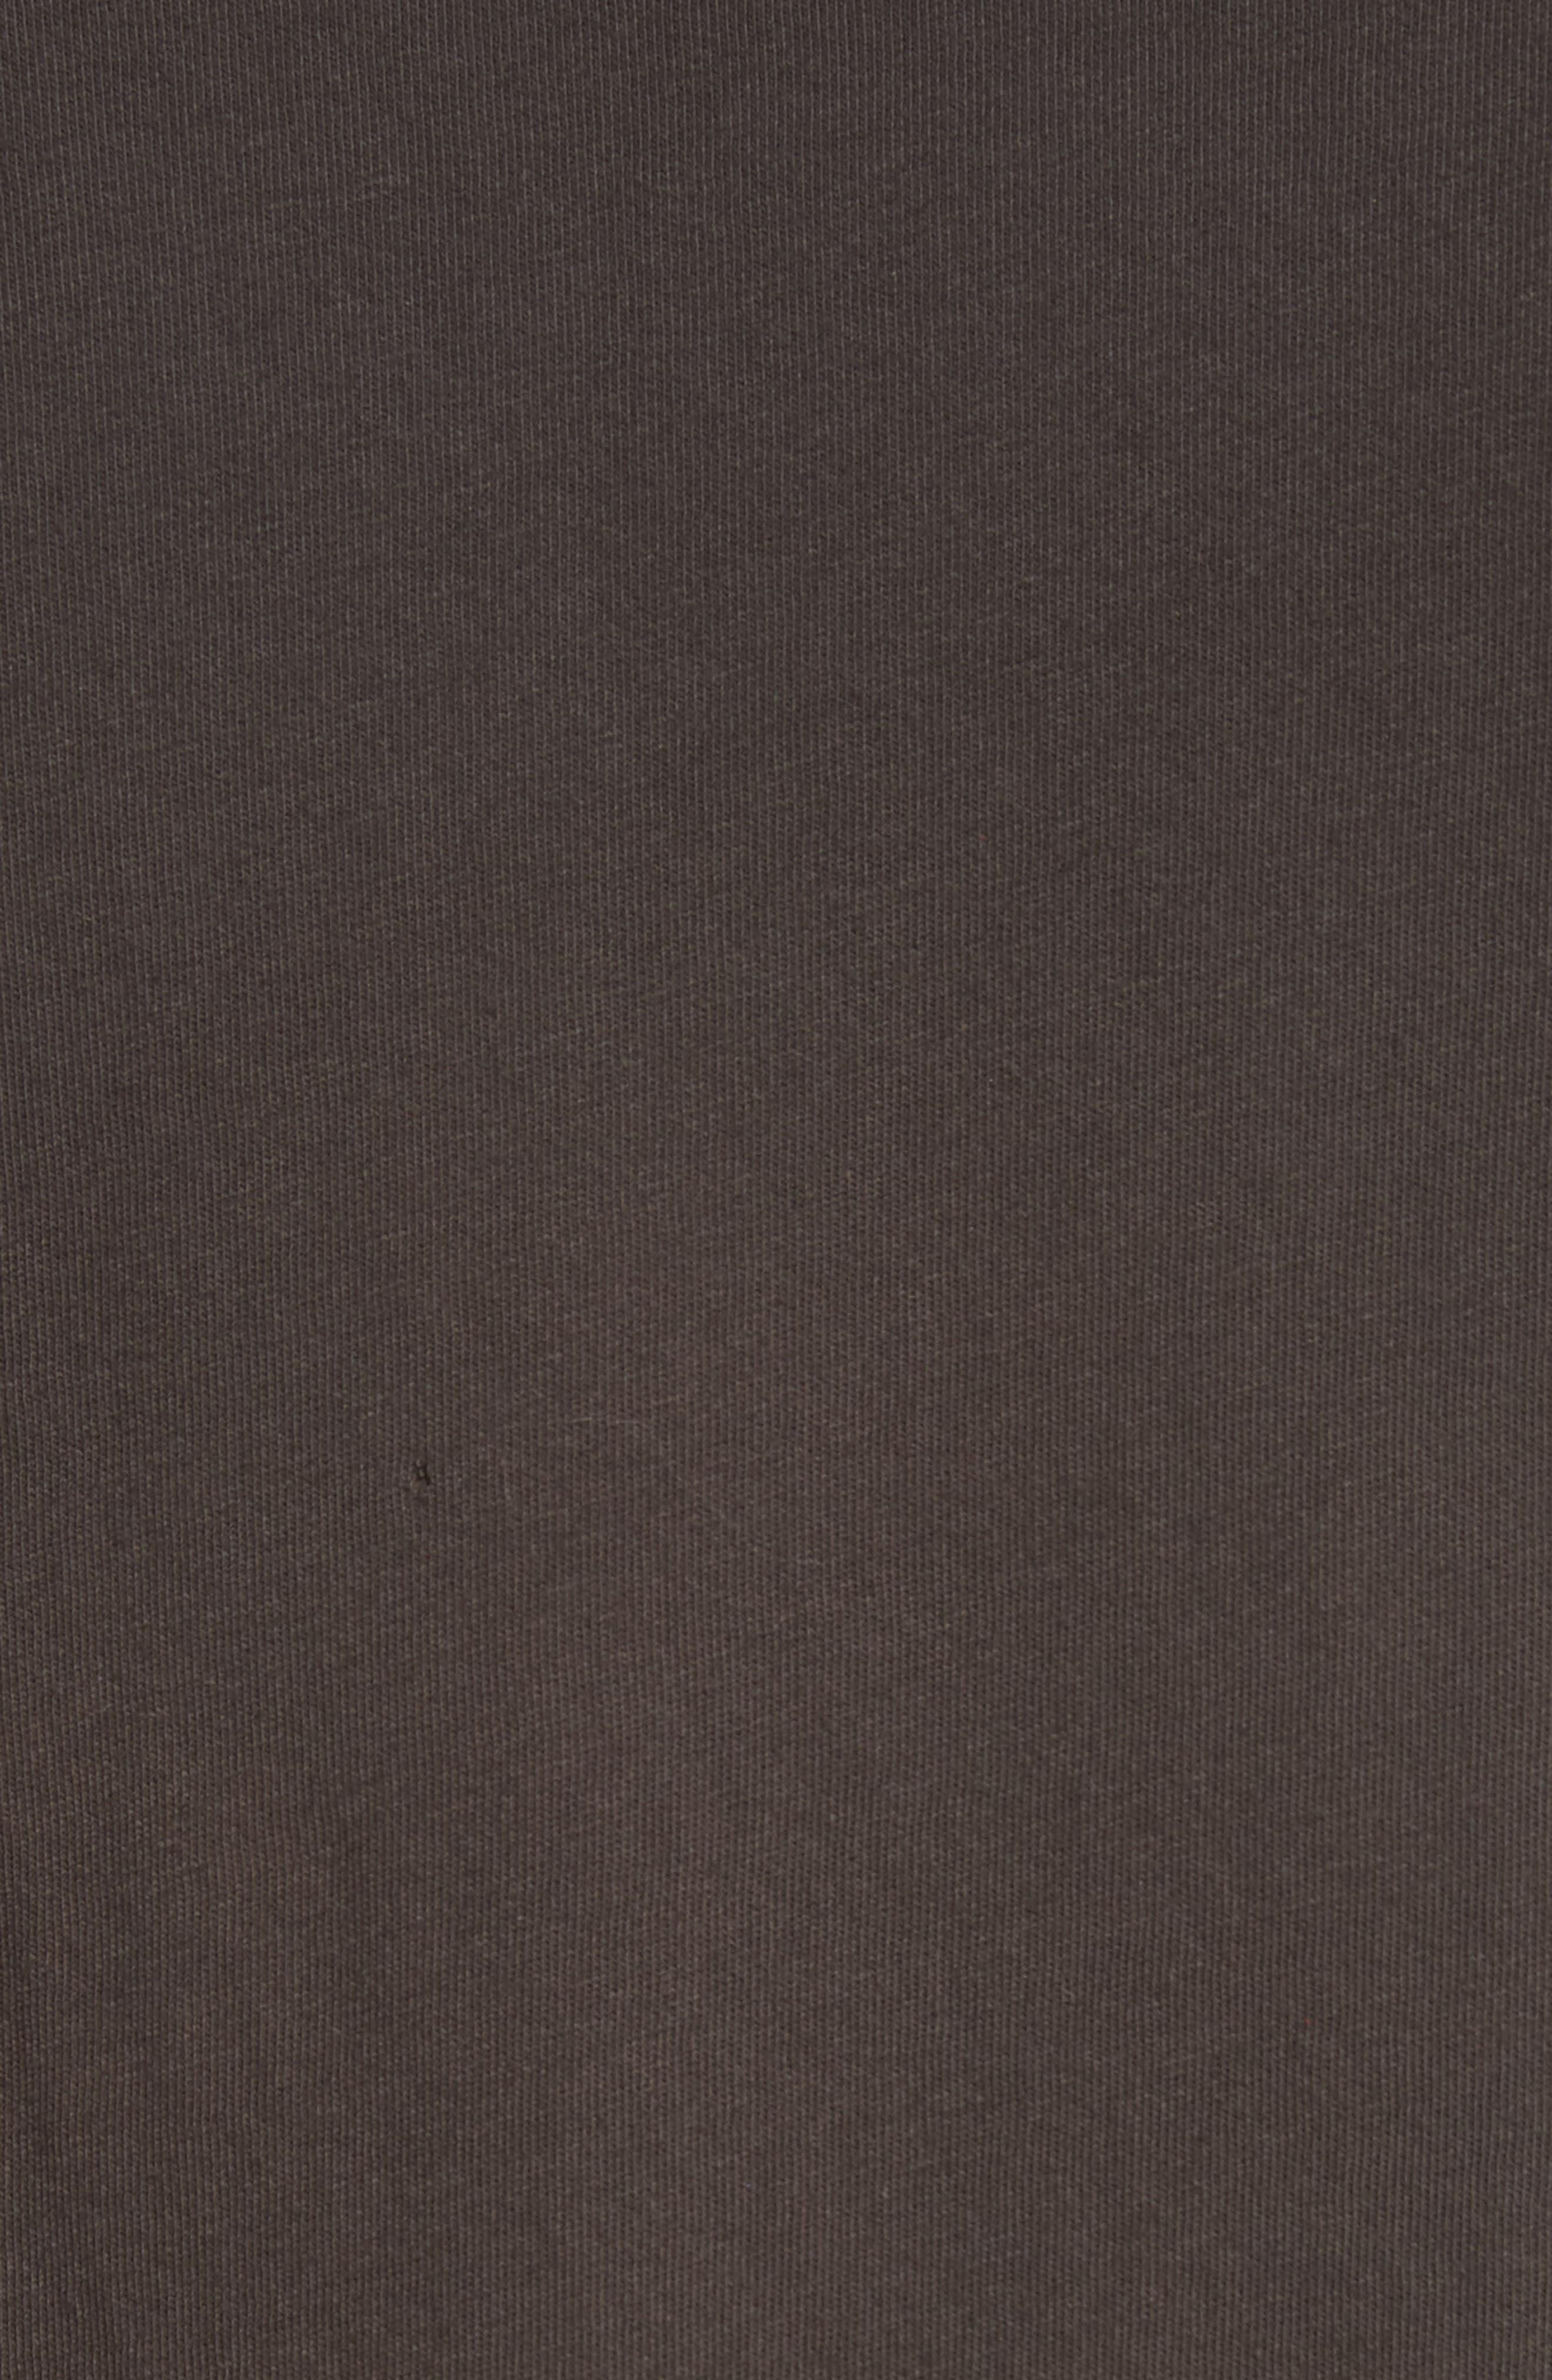 Alternate Image 5  - MadeWorn Notorious B.I.G. Graphic T-Shirt